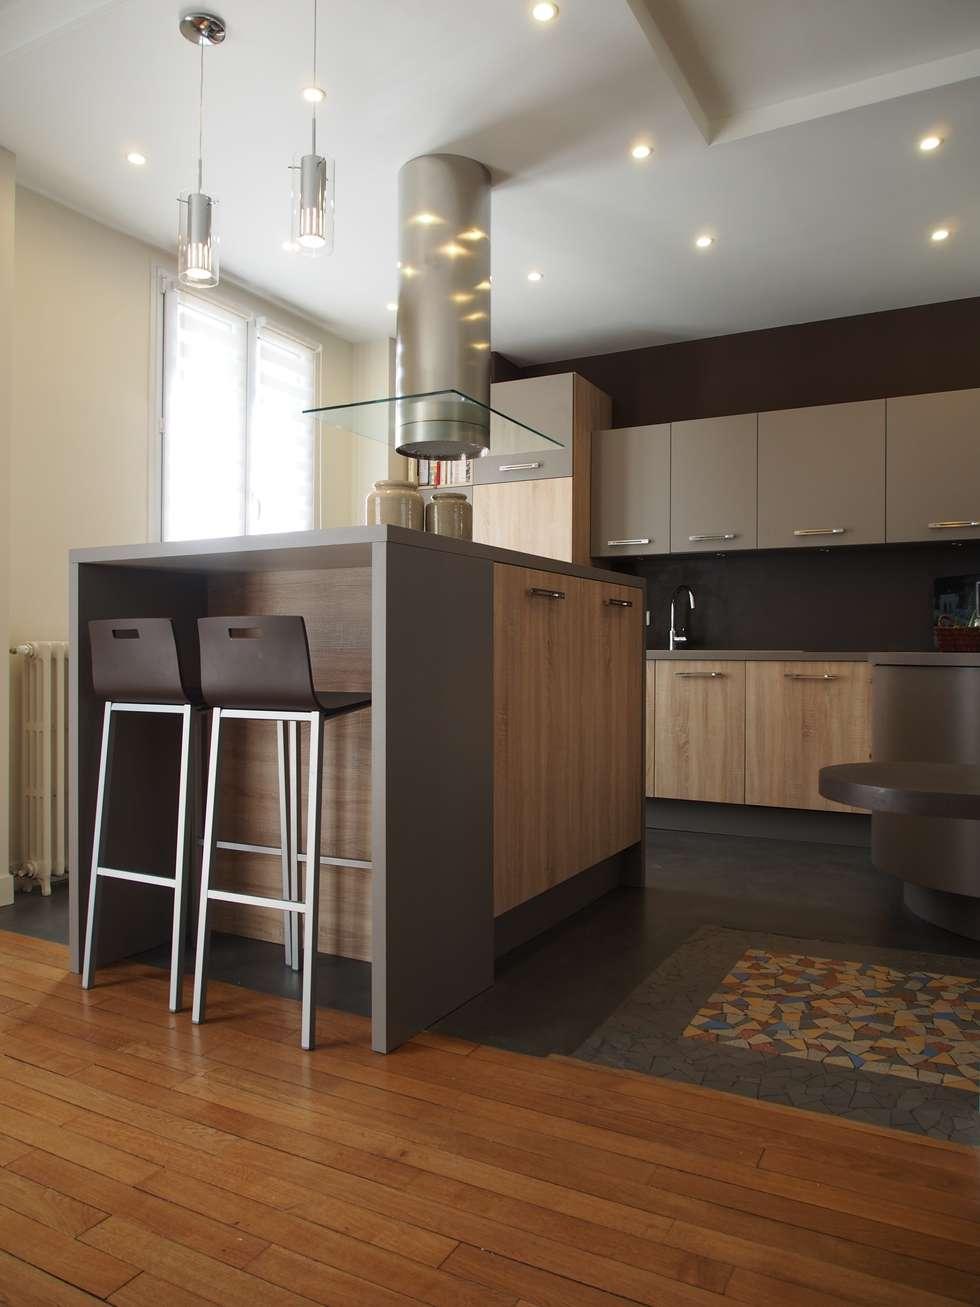 Maison de Famille rénovée: Cuisine de style de style Moderne par agence MGA architecte DPLG